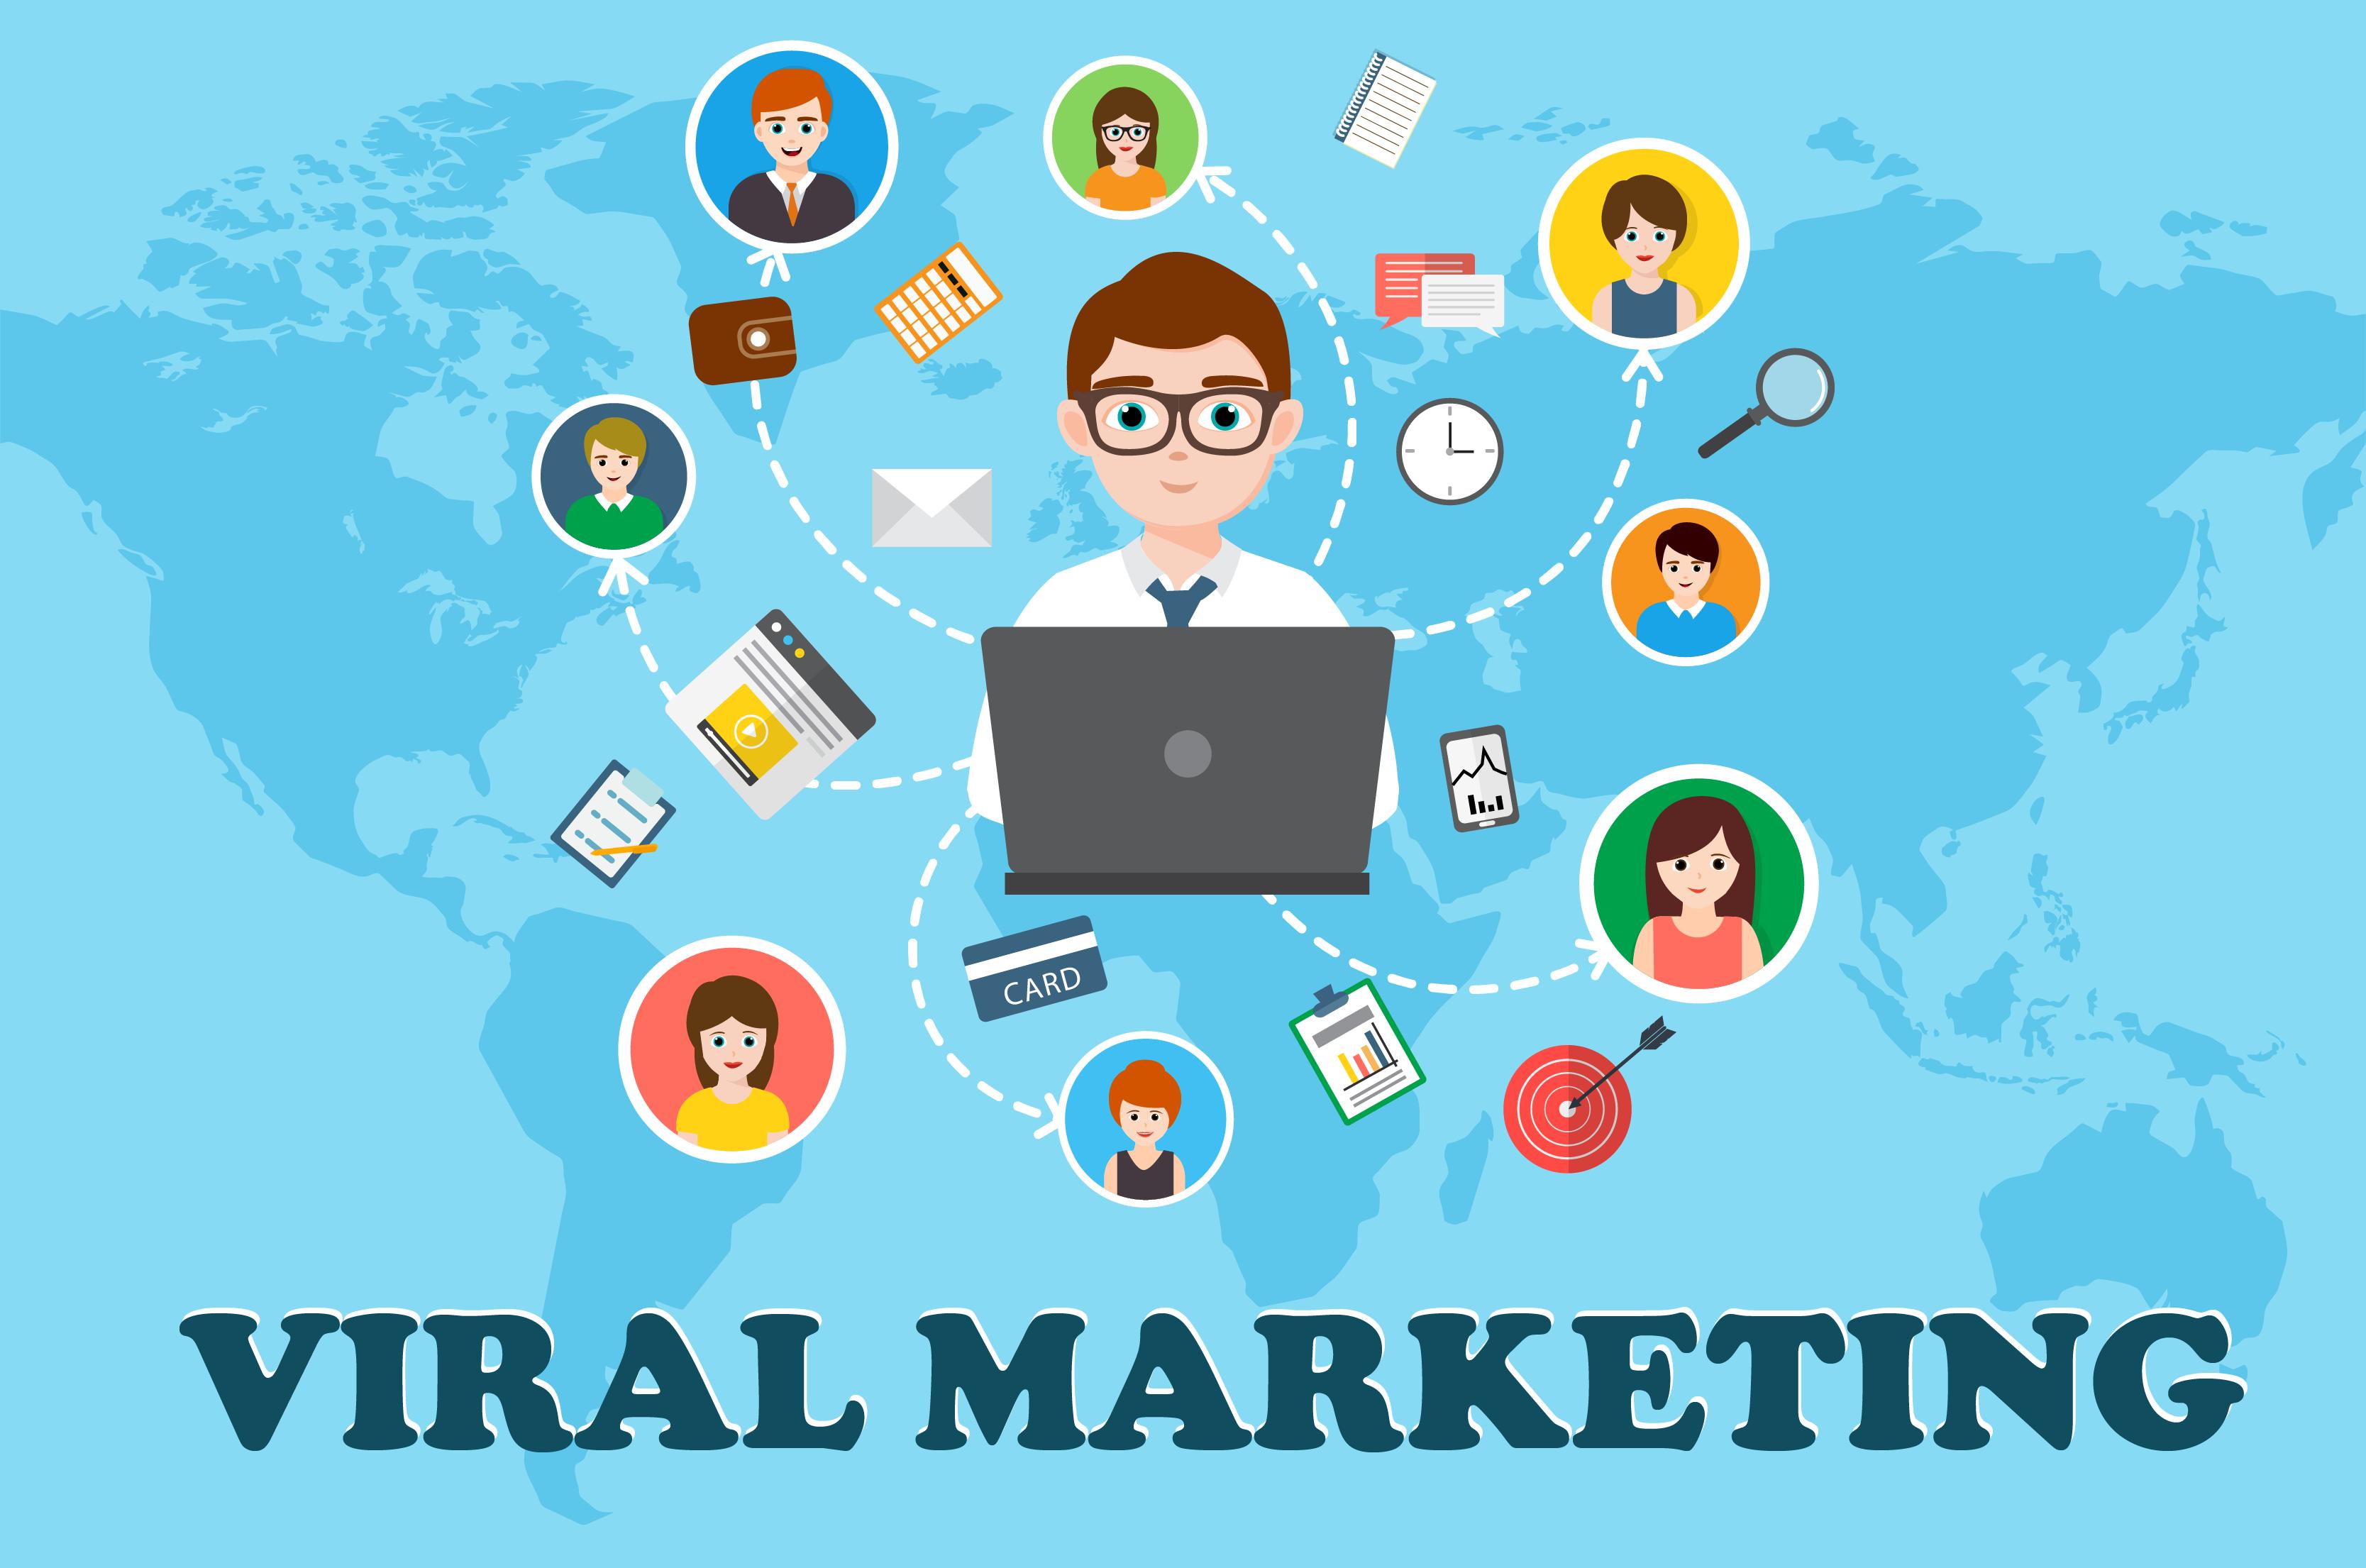 Viral Marketing Là Gì? Những Ưu Điểm Của Viral Marketing Trong Kinh Doanh  Blog